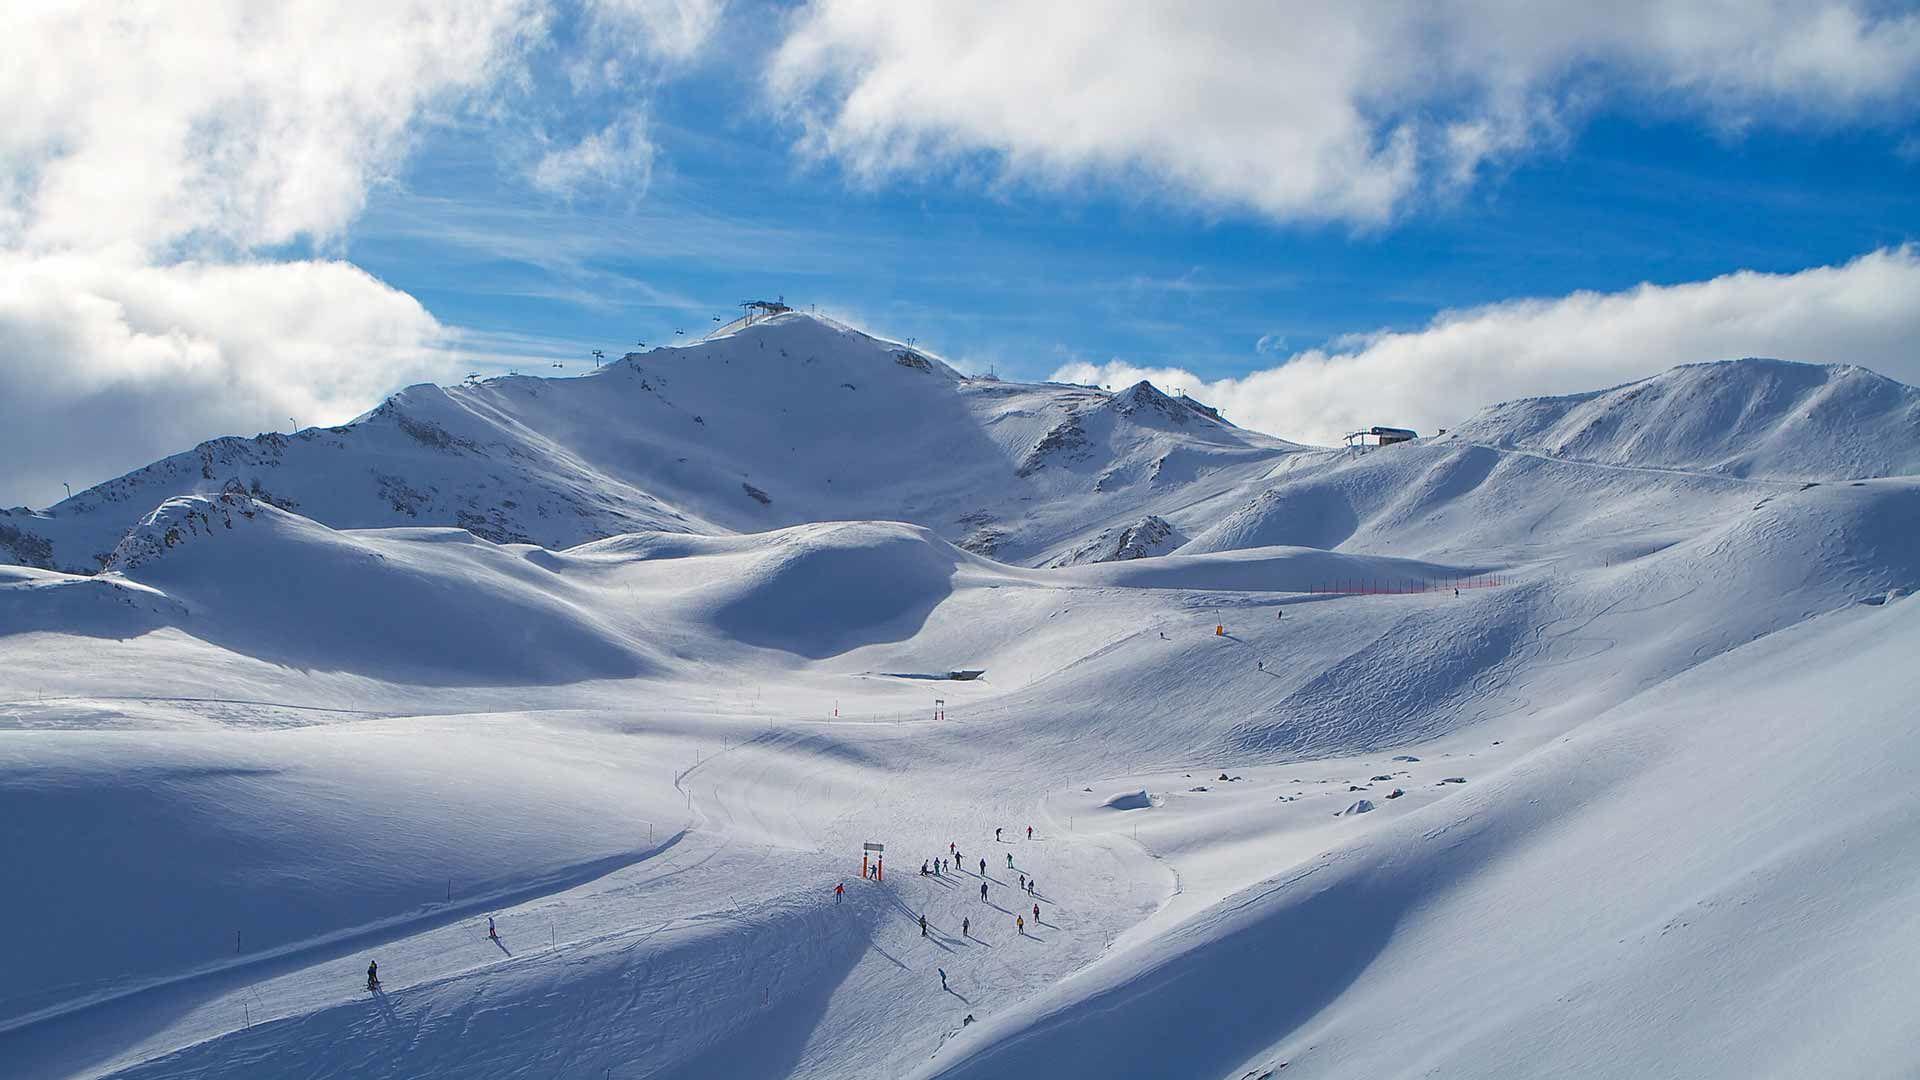 prämiert und ausgezeichnet Hinein ins Schneevergnügen